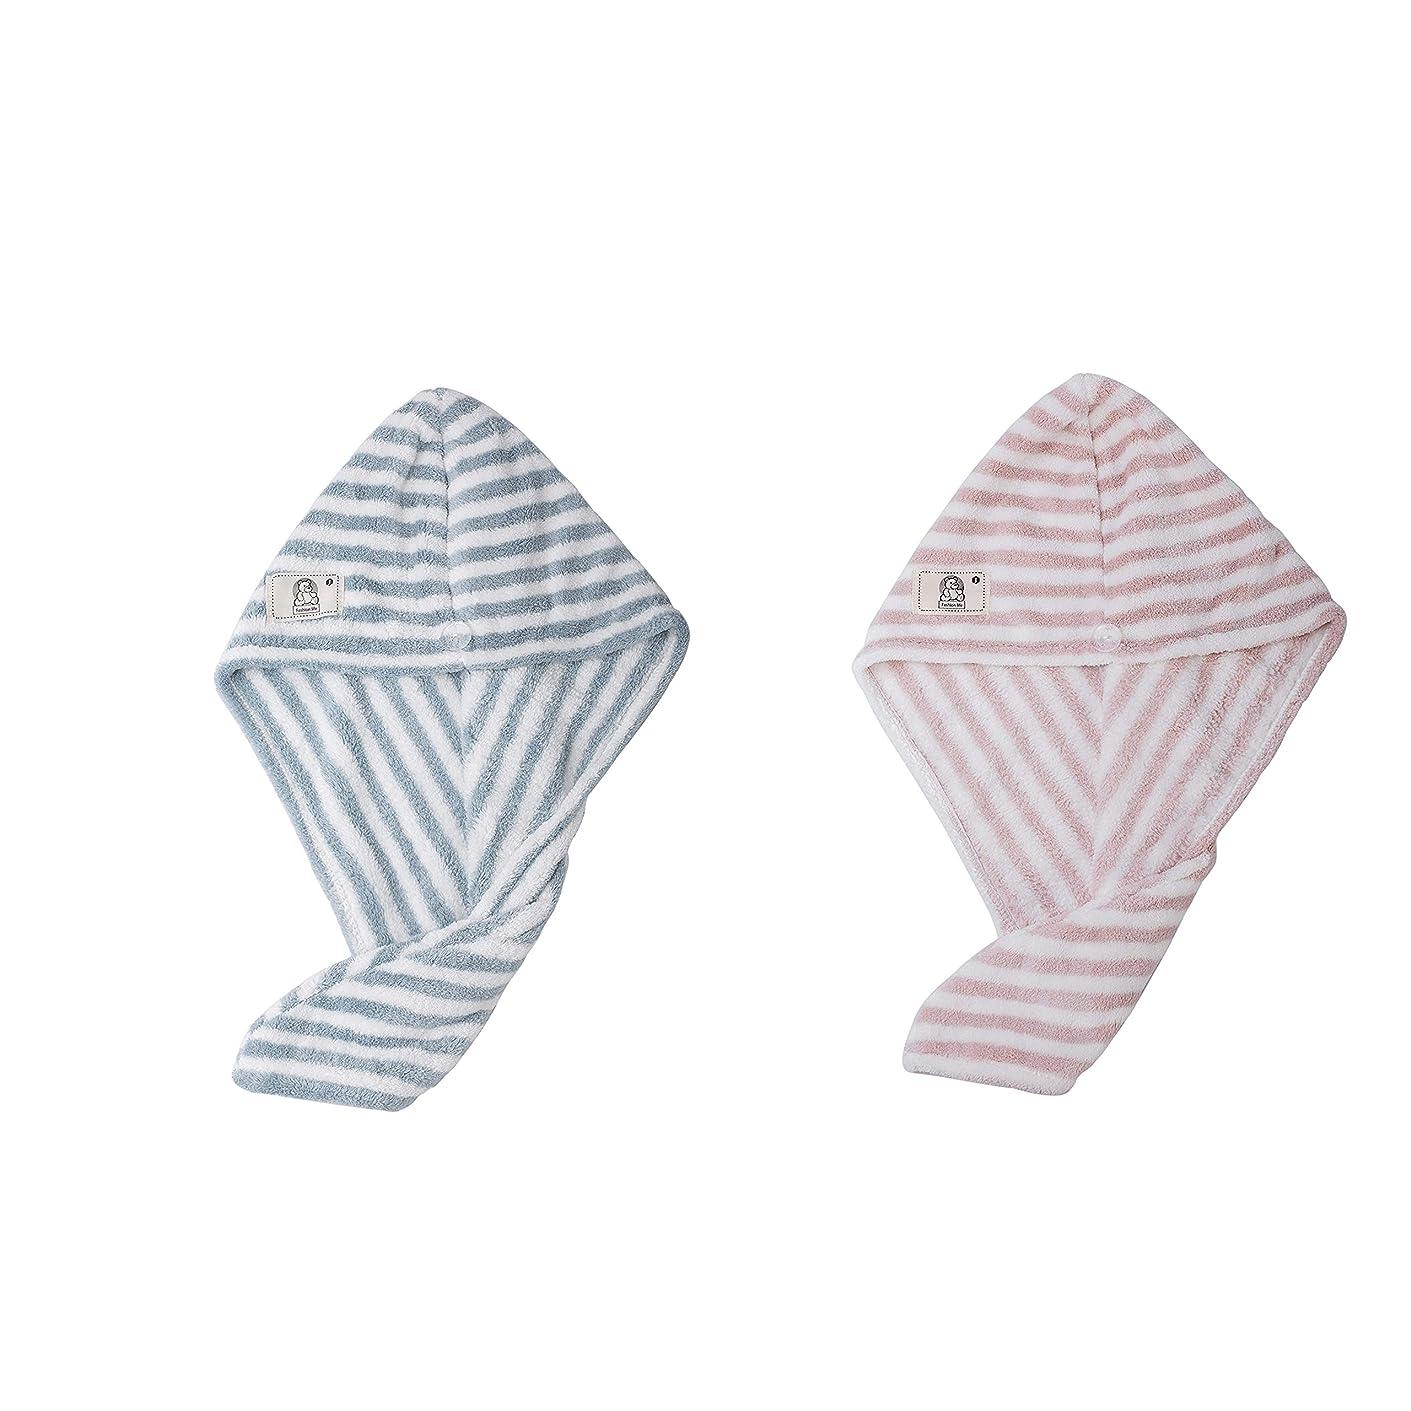 終点求める報復するヘアドライタオル 2色2枚セット 強い吸水性 速乾 抗菌防臭 シャワーキャップ タオルキャップ マイクロファイバー ふわふわ 人気 ストライプ 格安 アウトレット まとめ買い(Blue&Pink)